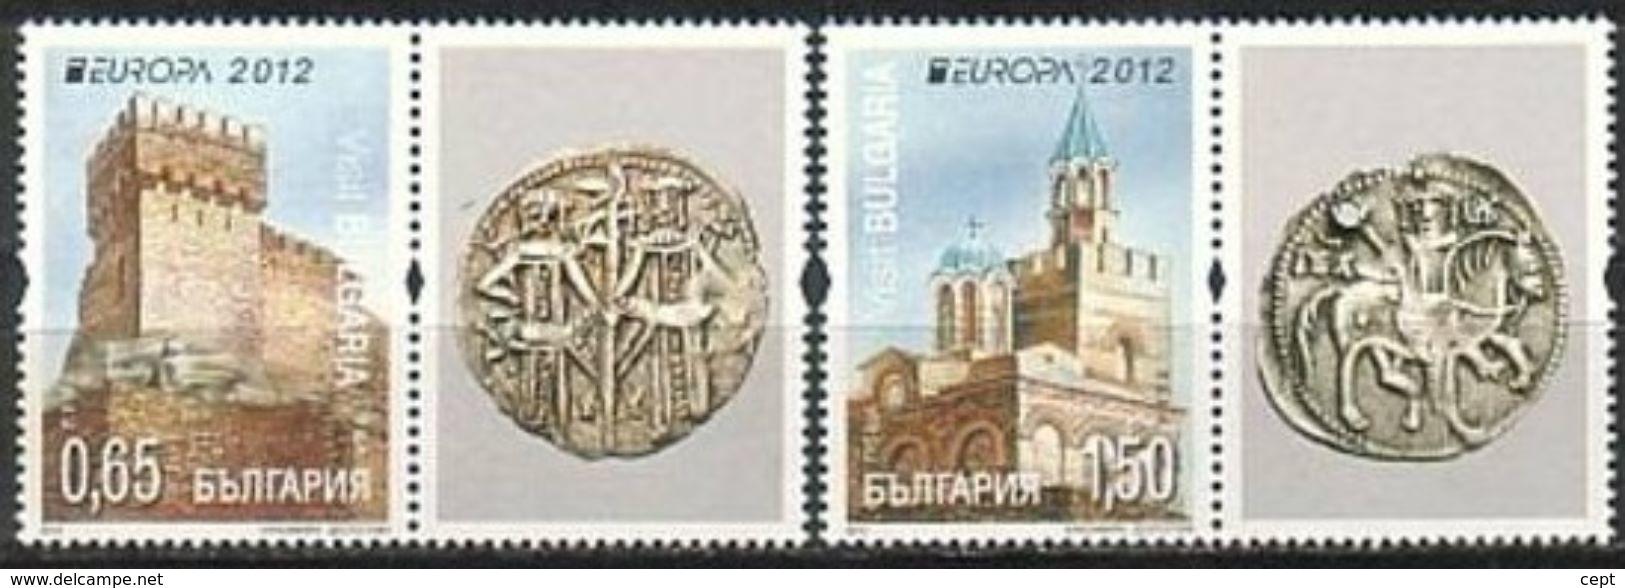 Bulgaria 2012  - Europa Cept - Set With Vignettes  MNH** - Europa-CEPT